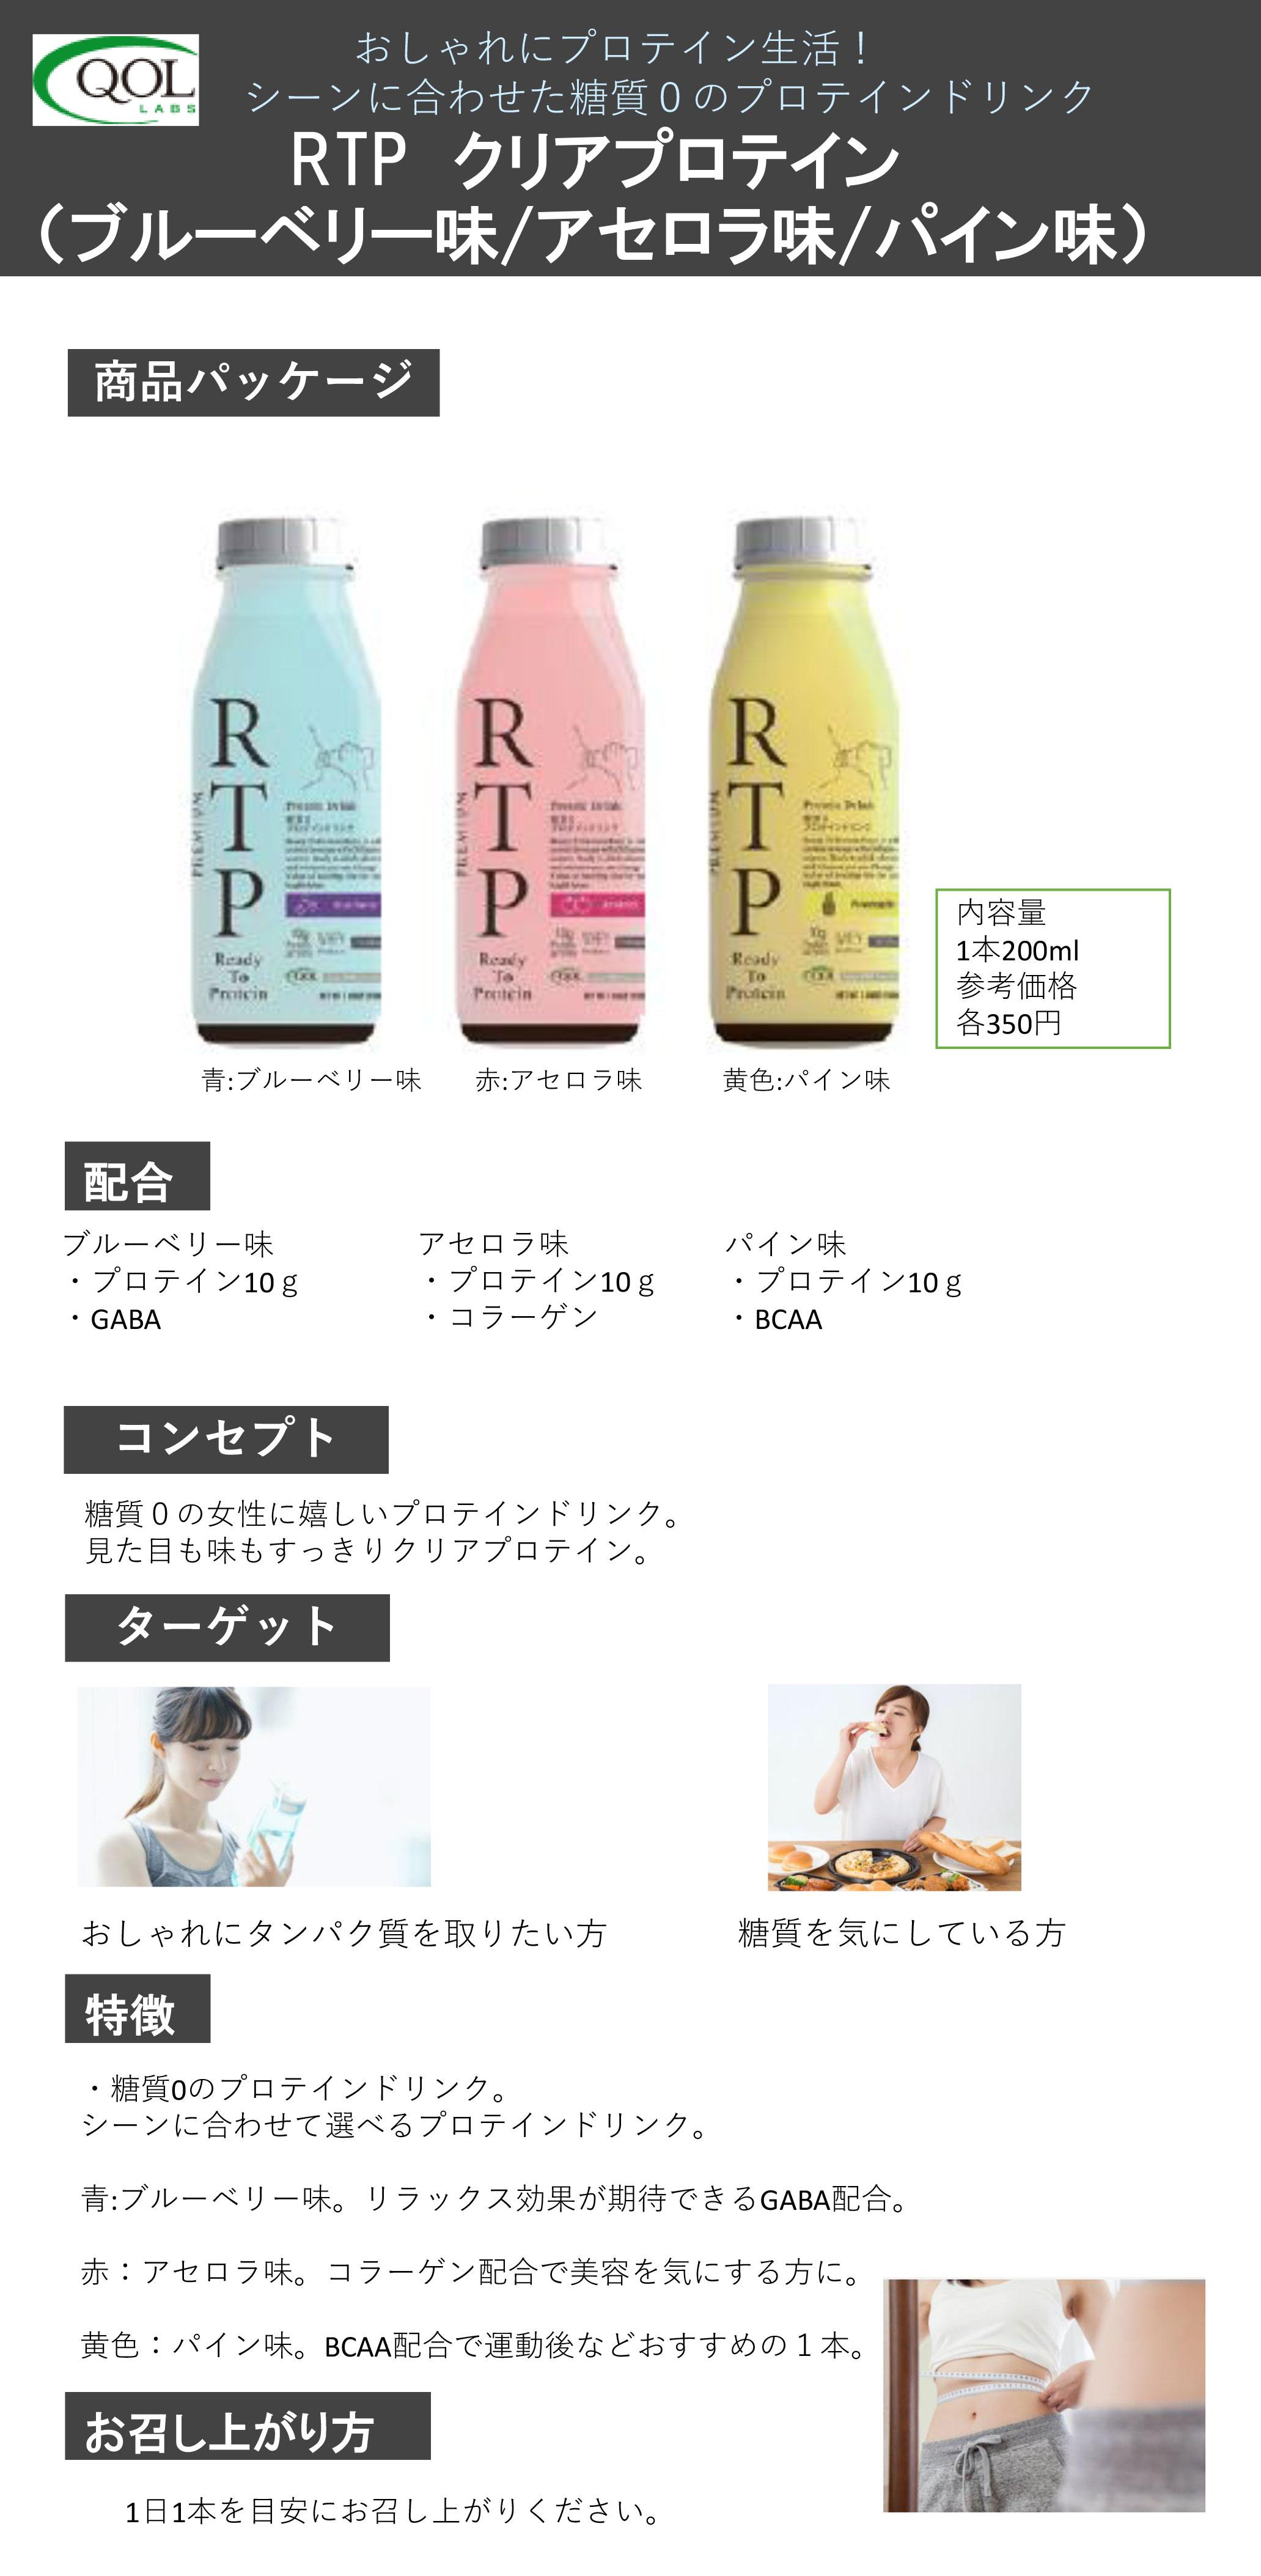 RTP_clear